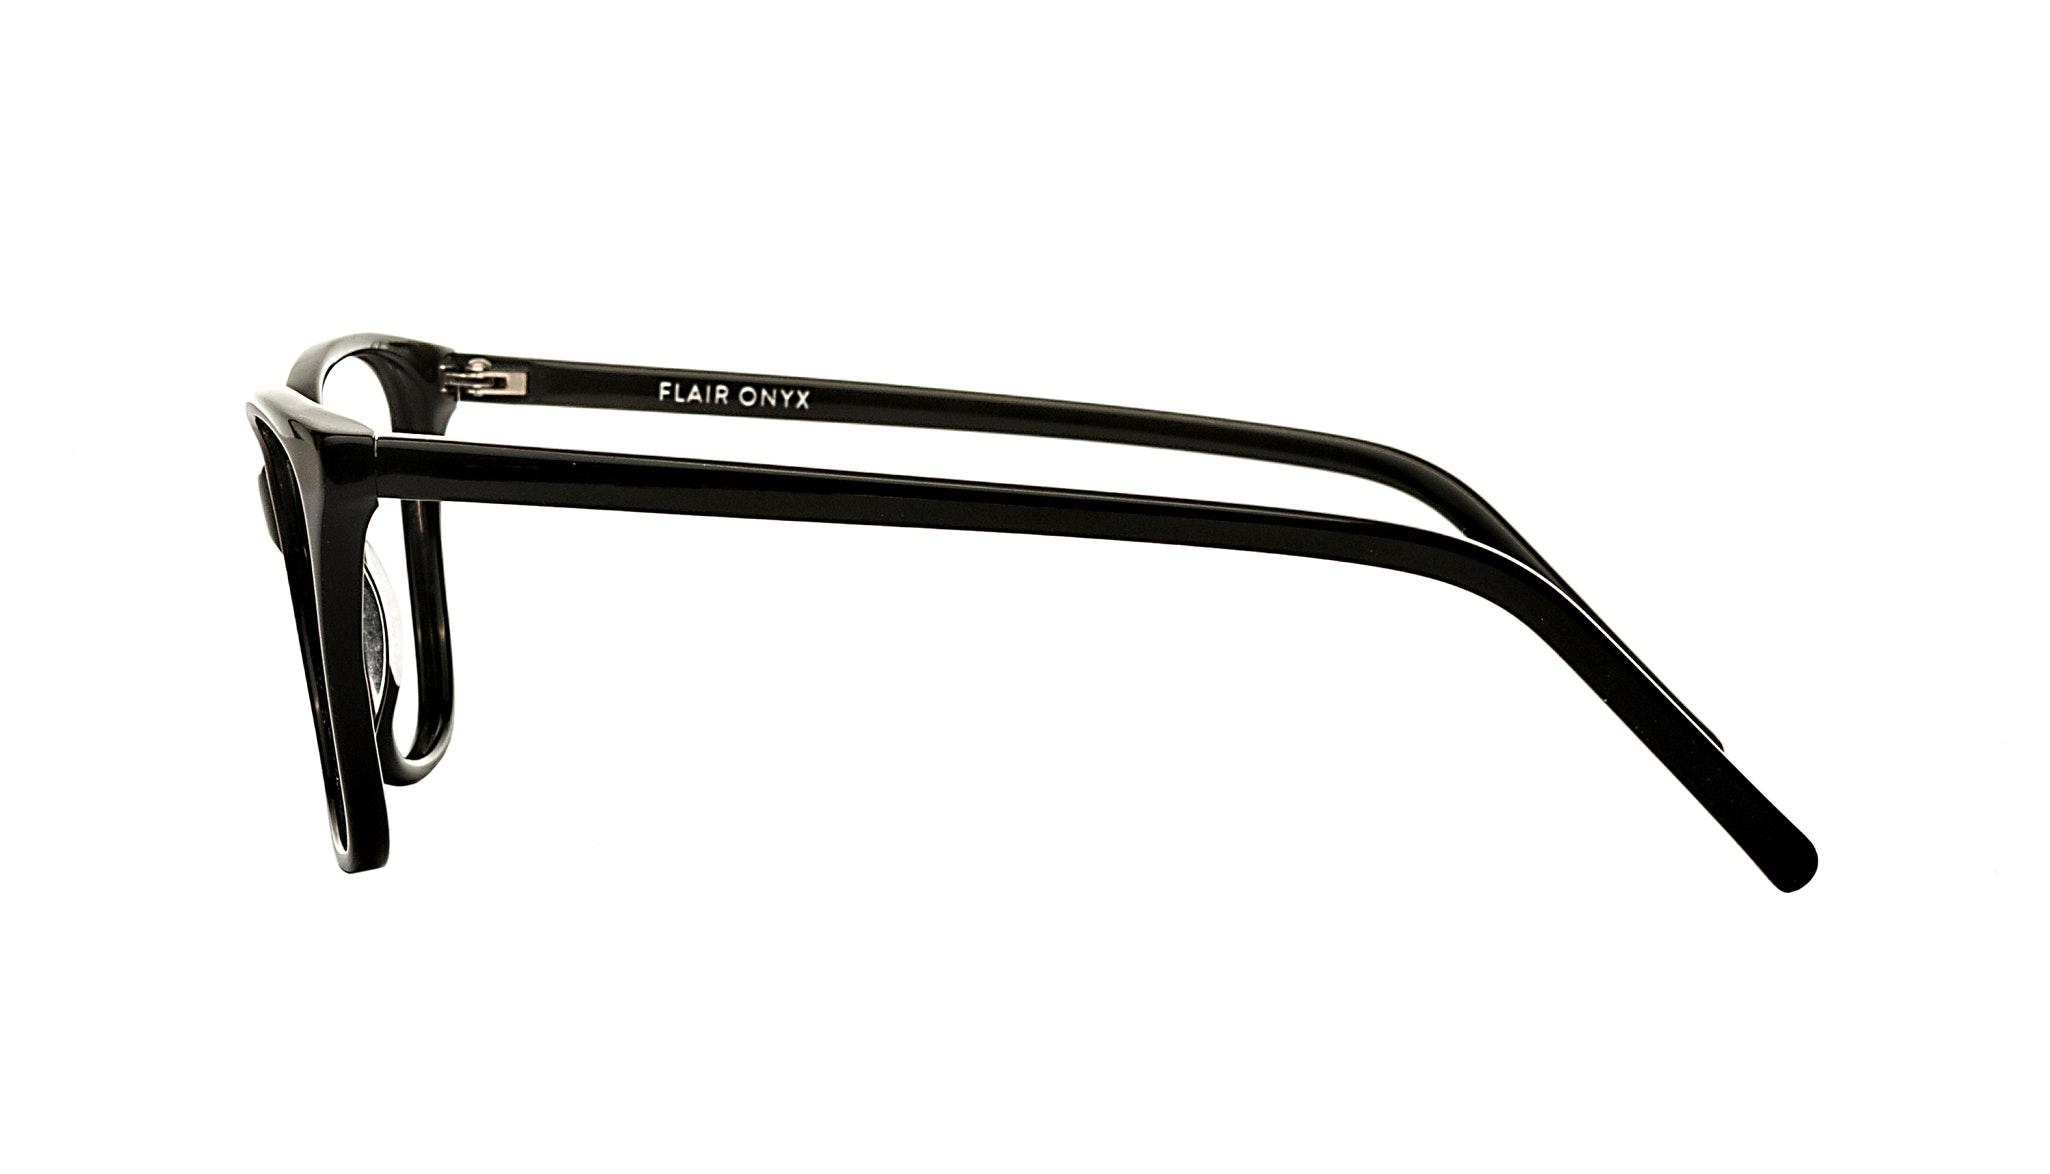 Affordable Fashion Glasses Cat Eye Eyeglasses Women Flair Onyx Side